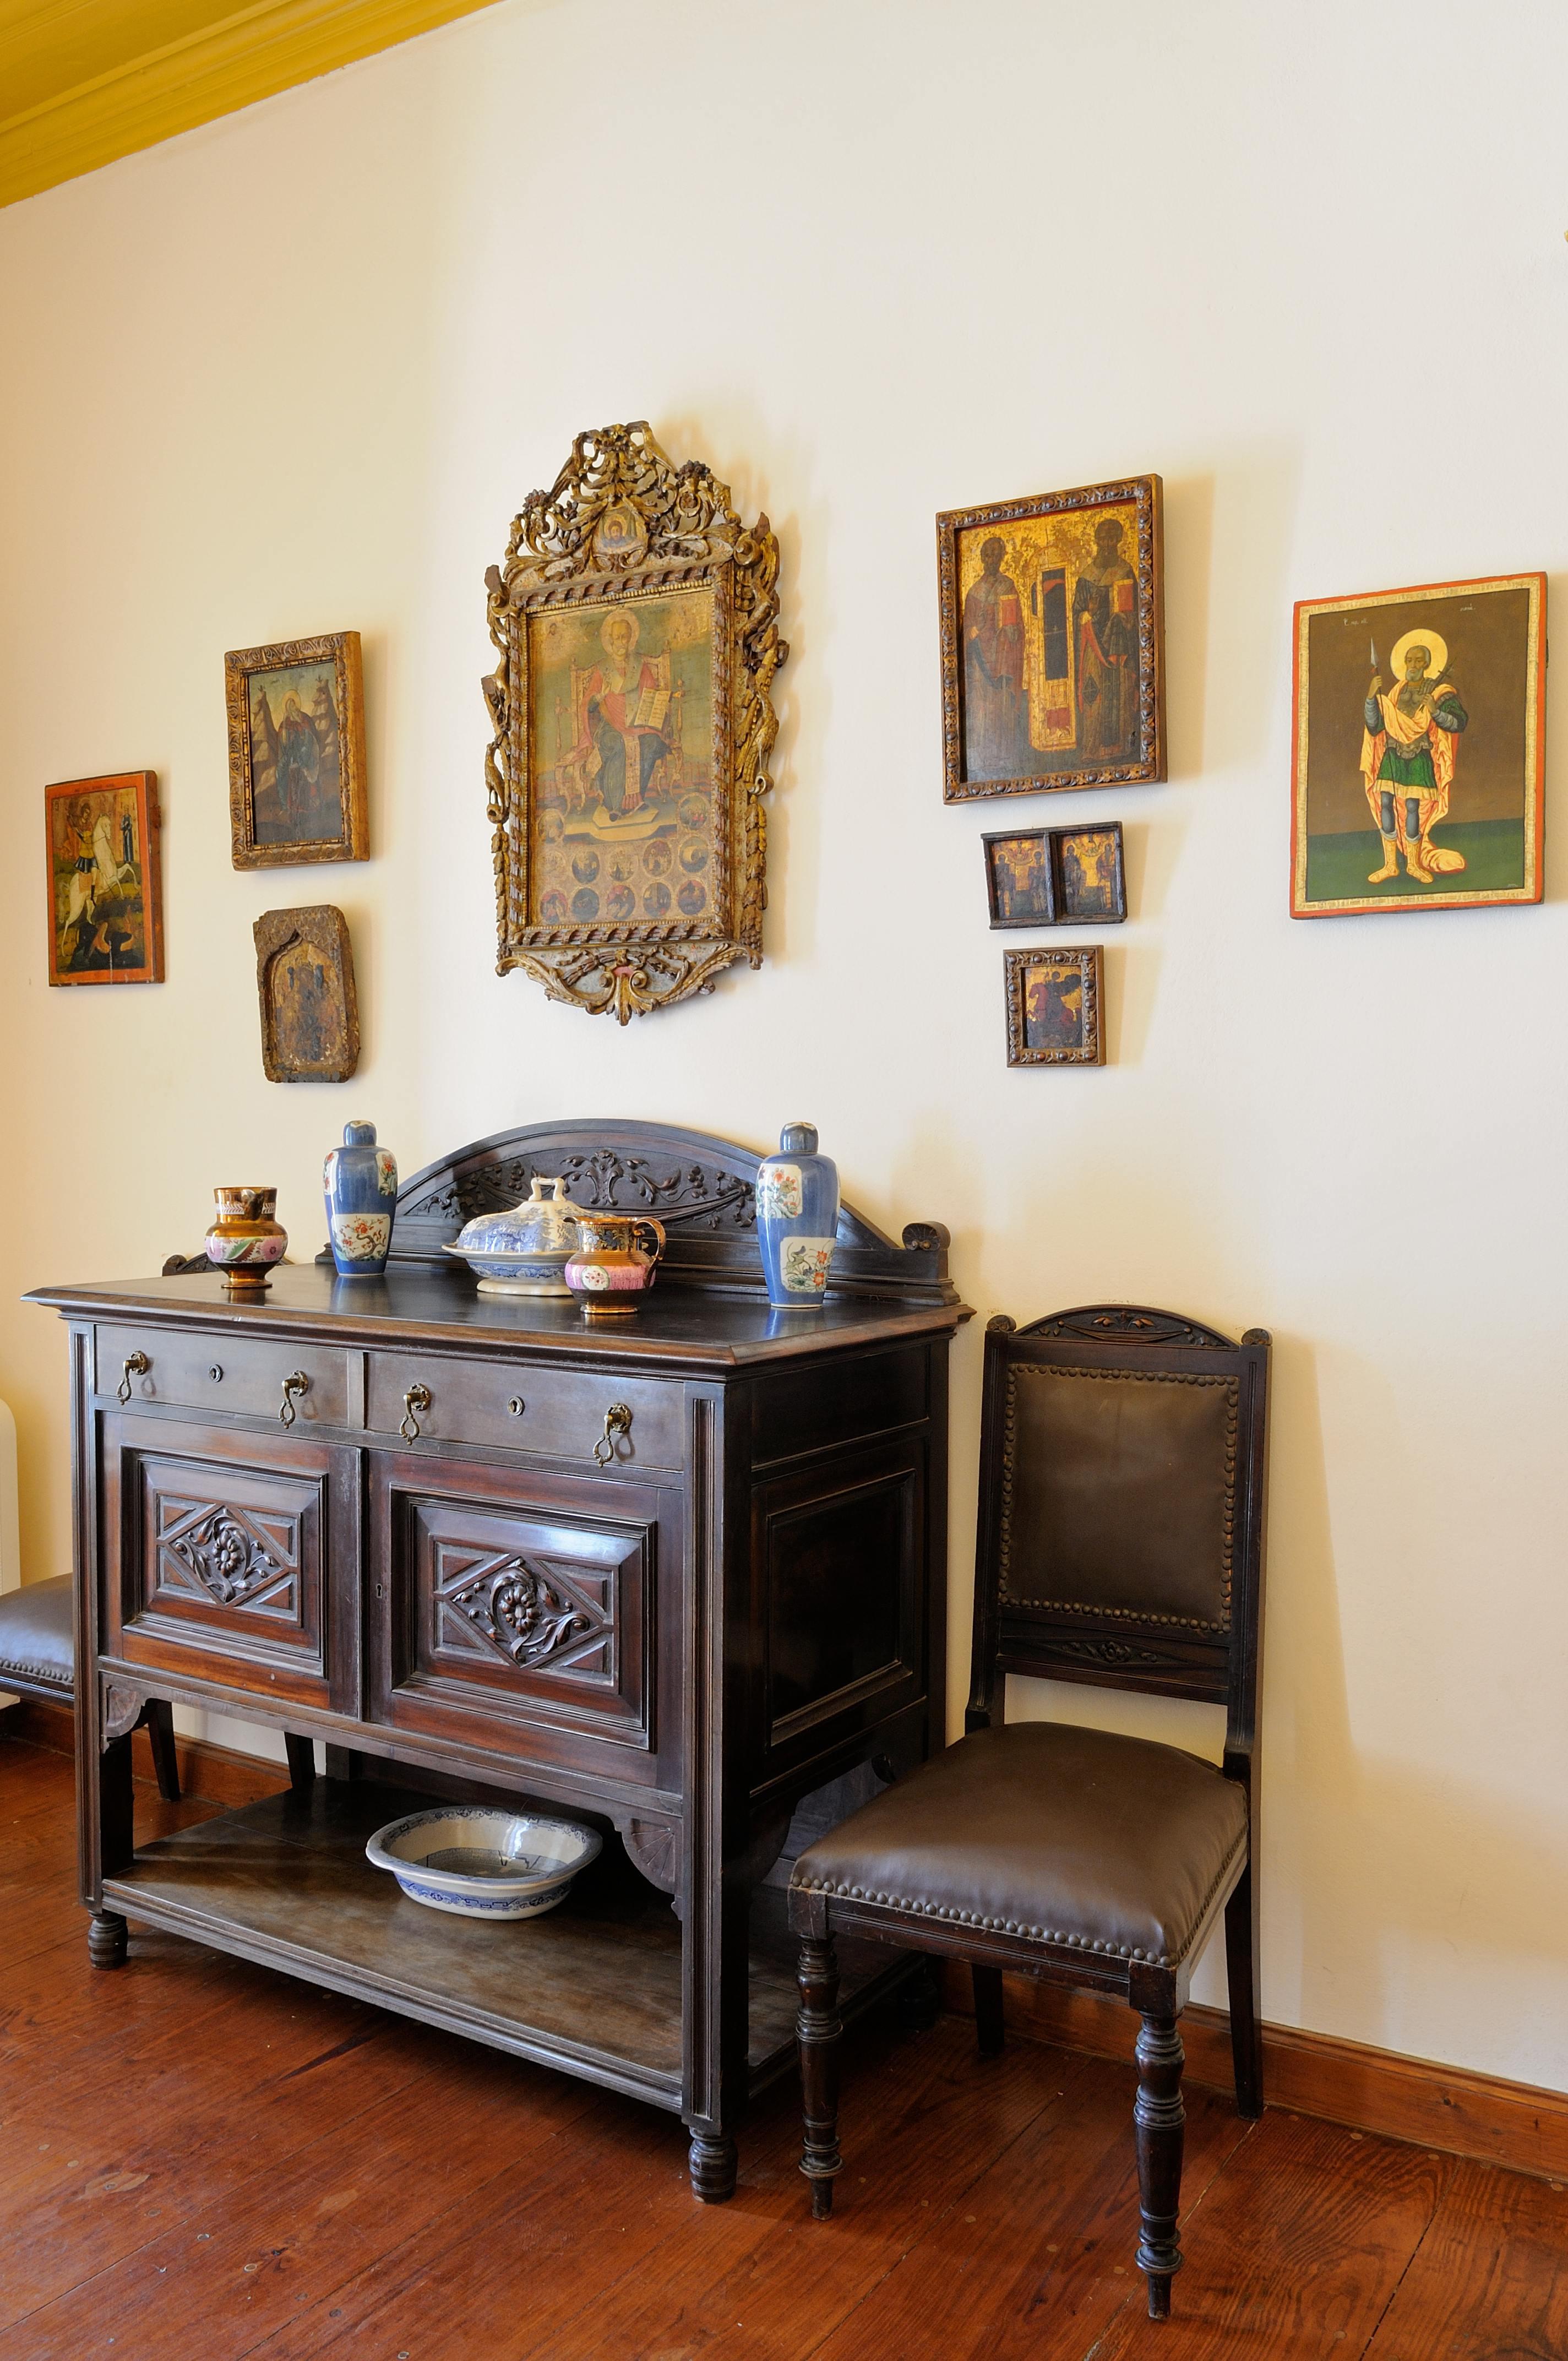 Μπουμπουλίνα: Φωτορεπορτάζ από το 300 ετών αρχοντικό σπίτι της στις Σπέτσες